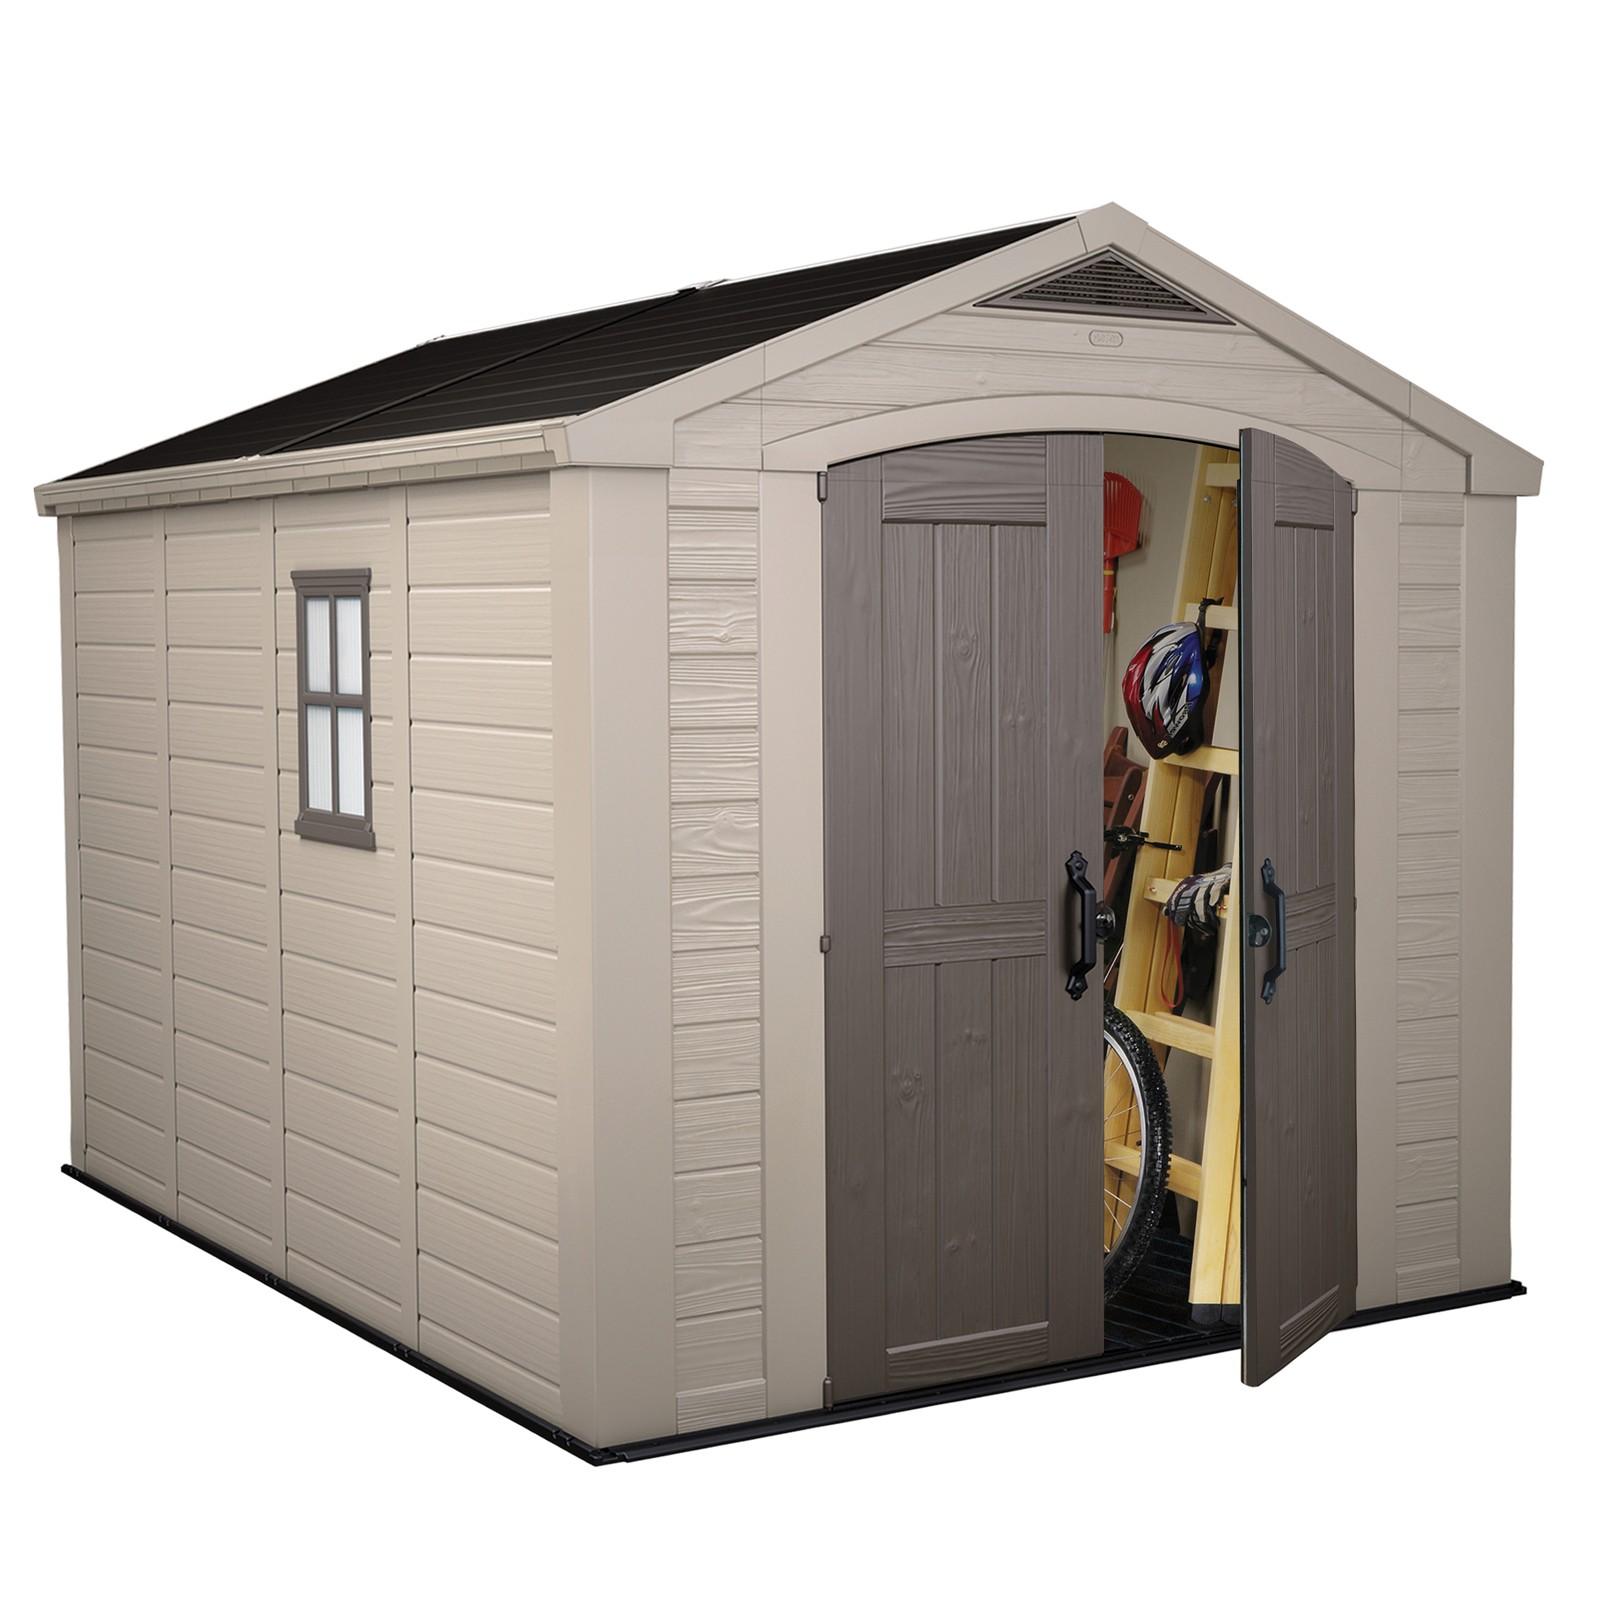 keter kunststoff ger tehaus gartenhaus factor 8x11. Black Bedroom Furniture Sets. Home Design Ideas